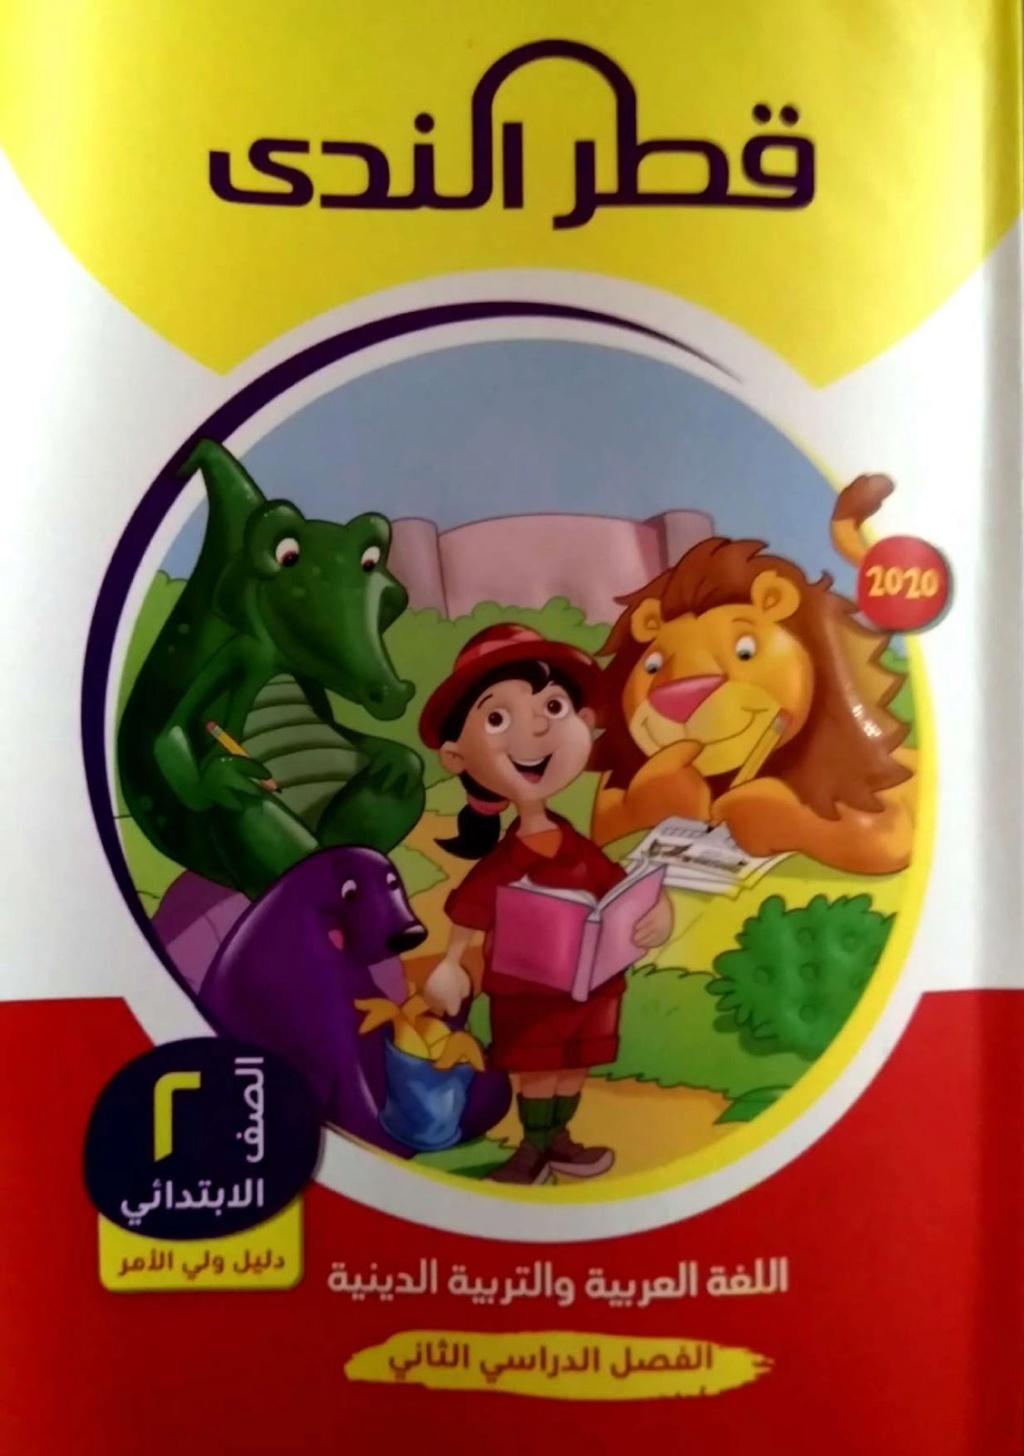 تحميل: كتاب قطر الندي لغة عربية الصف الثانى الابتدائي ترم تانى نظام جديد 2020 41241